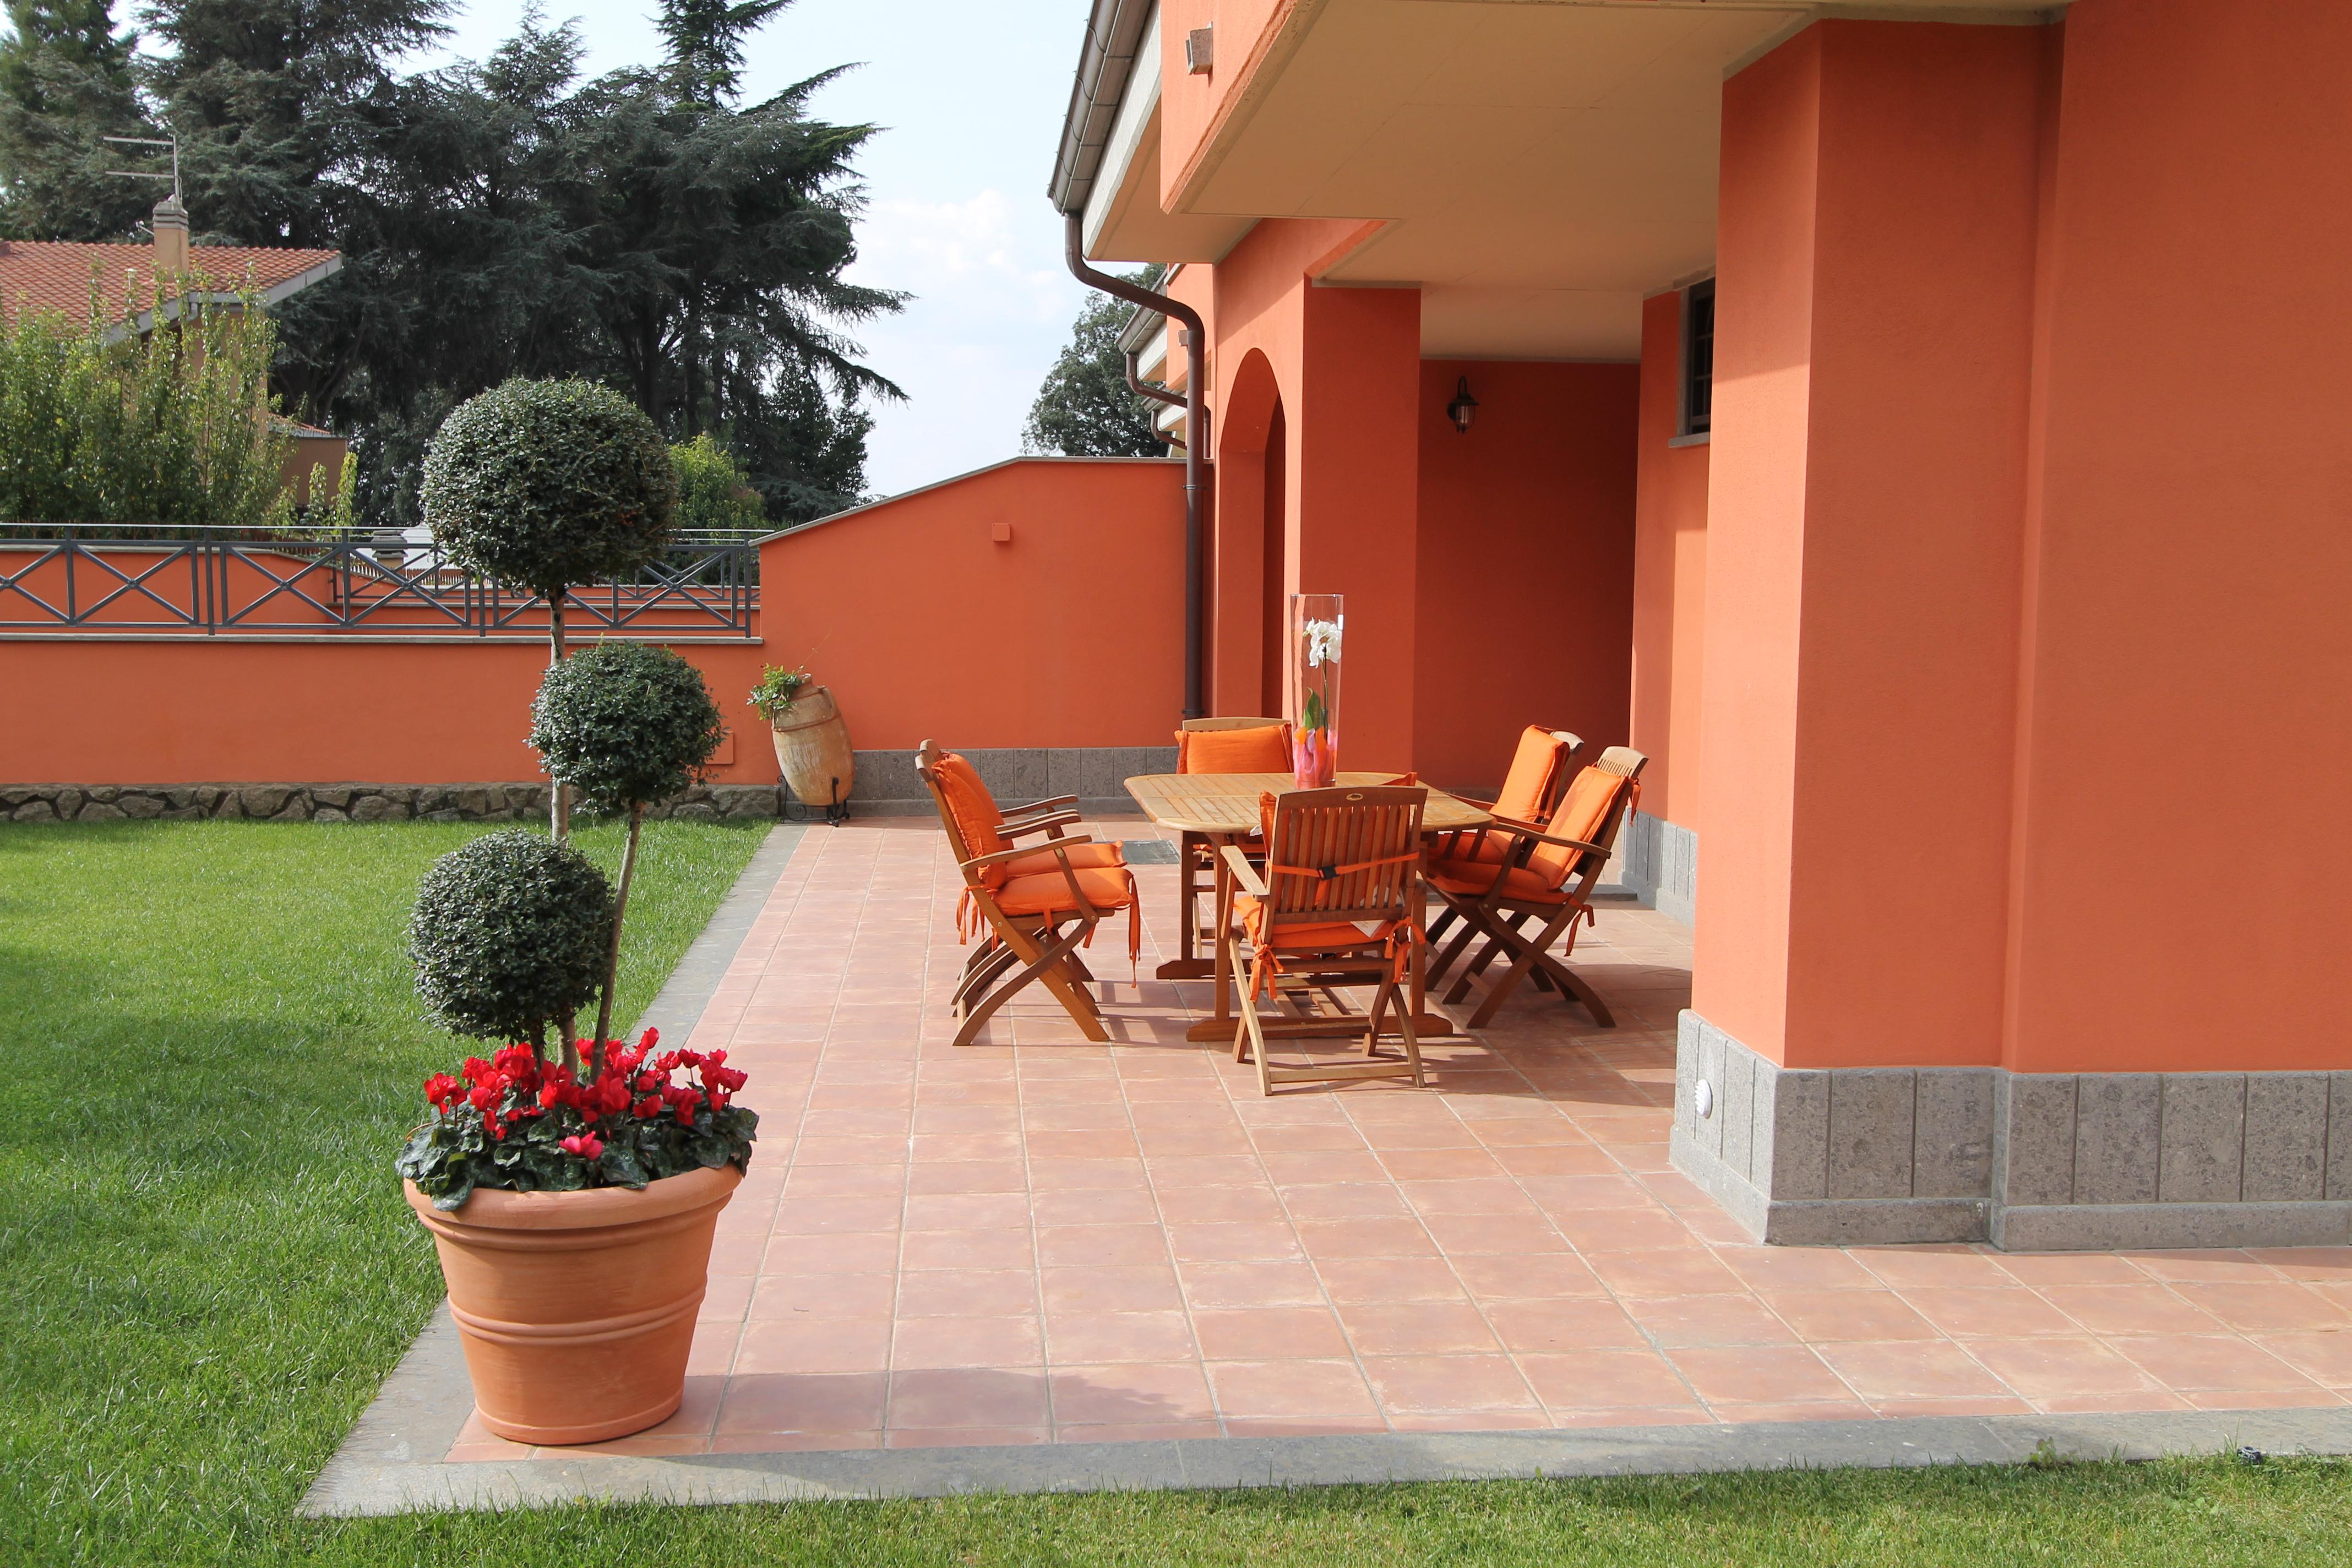 Venda casa de campo grottaferrata roma it lia via xxiv for Casa maggio